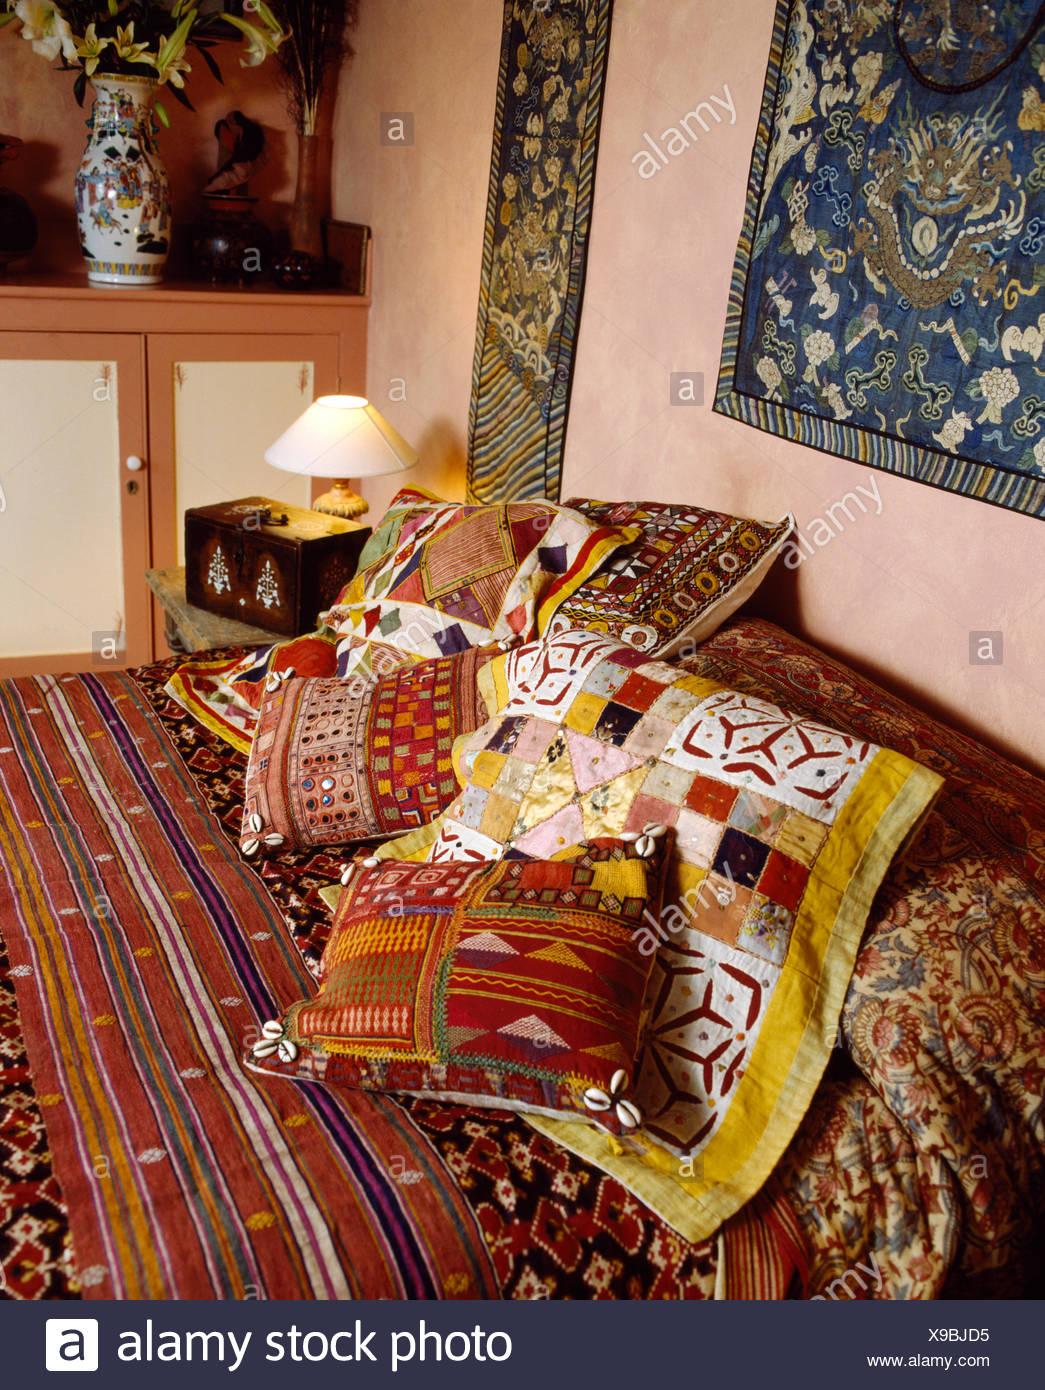 Cuscini Etnici Vendita.Indiani Coloratissimi Cuscini E Copriletto Sul Letto In Etnico